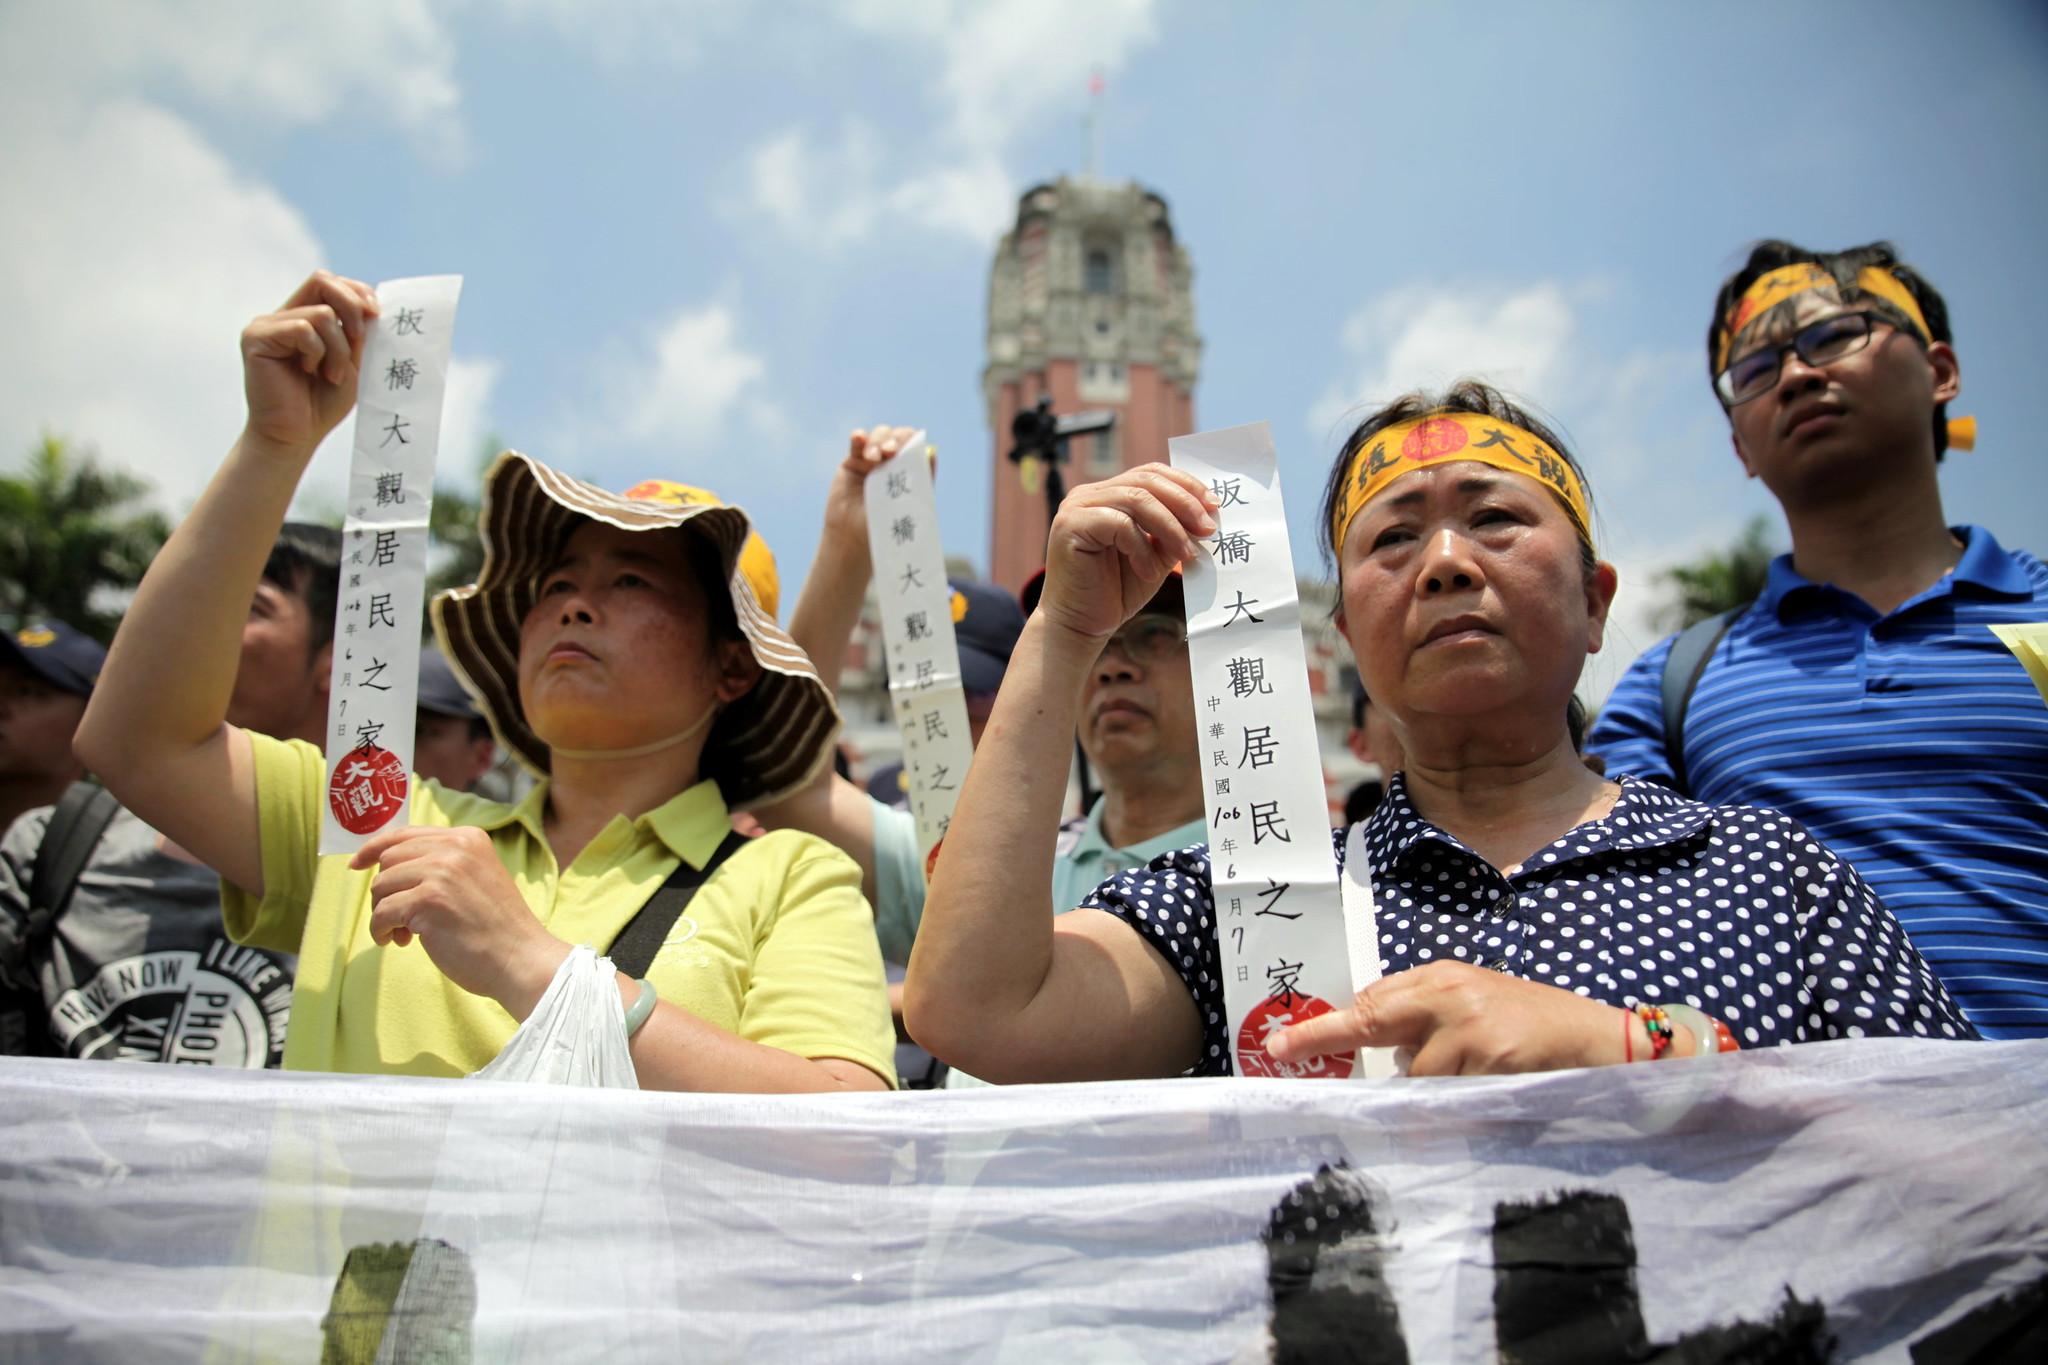 大觀居民在總統府前貼上「板橋大觀居民之家」的貼紙,表達訴求。